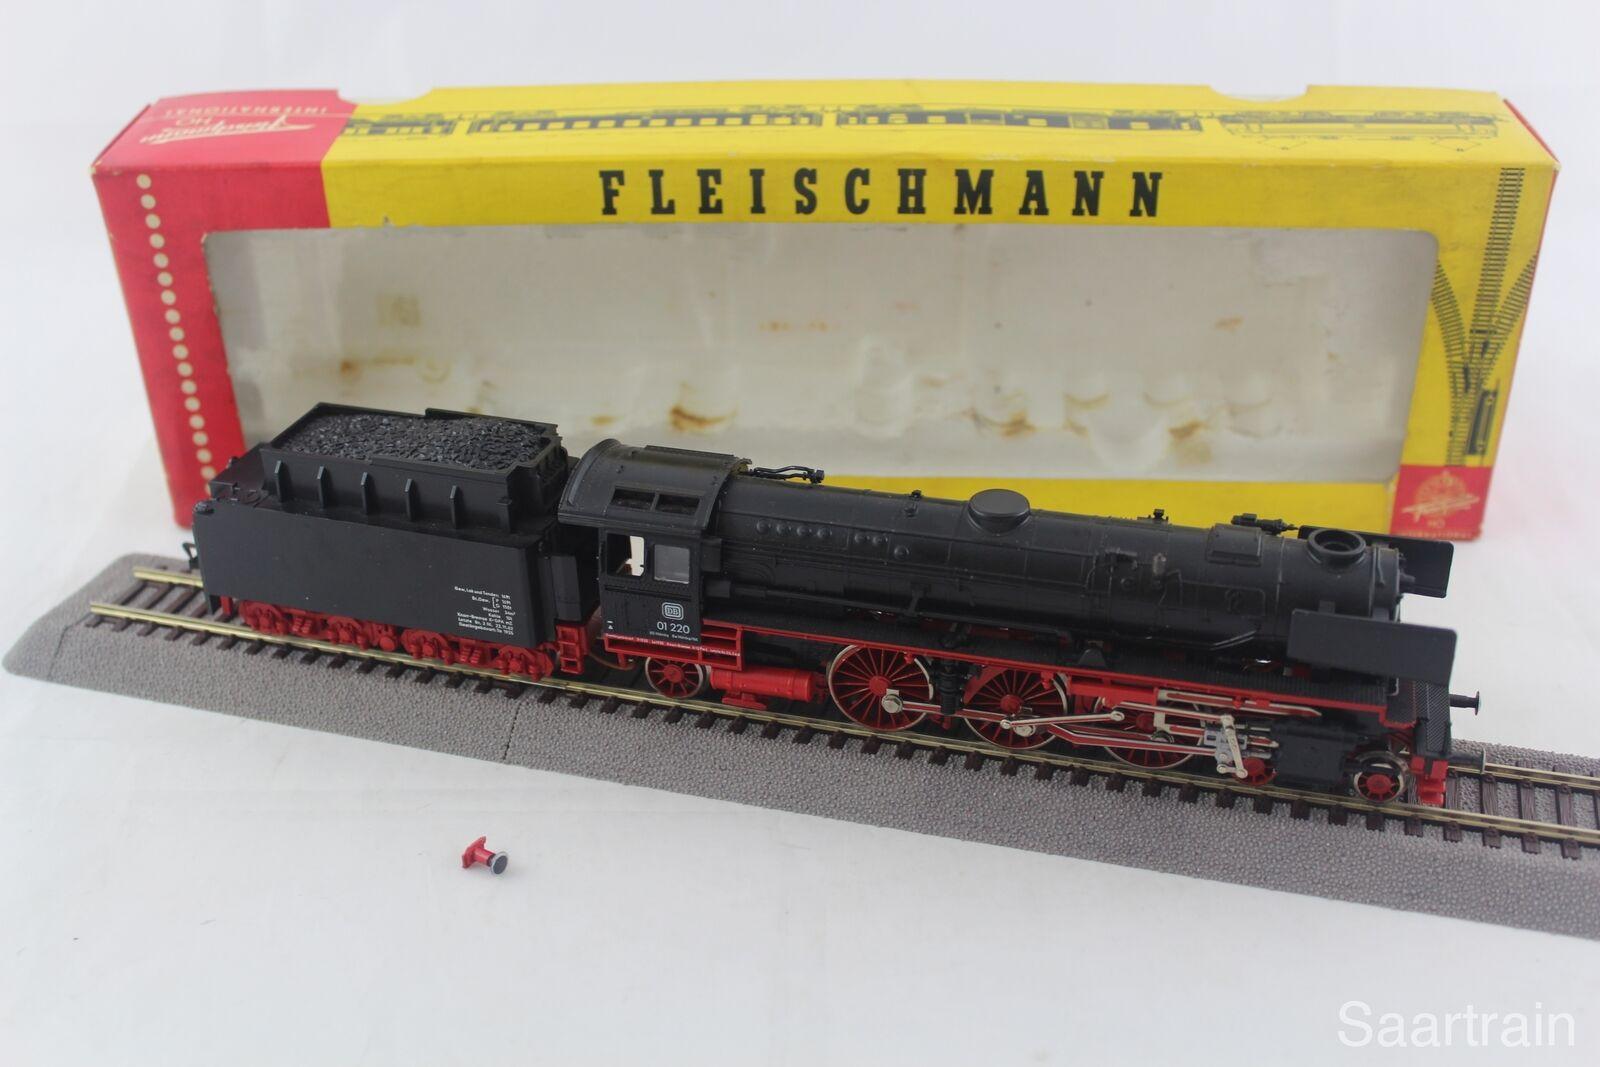 Fleischmann 1362 locomotiva BR 01 220 delle DB con OVP